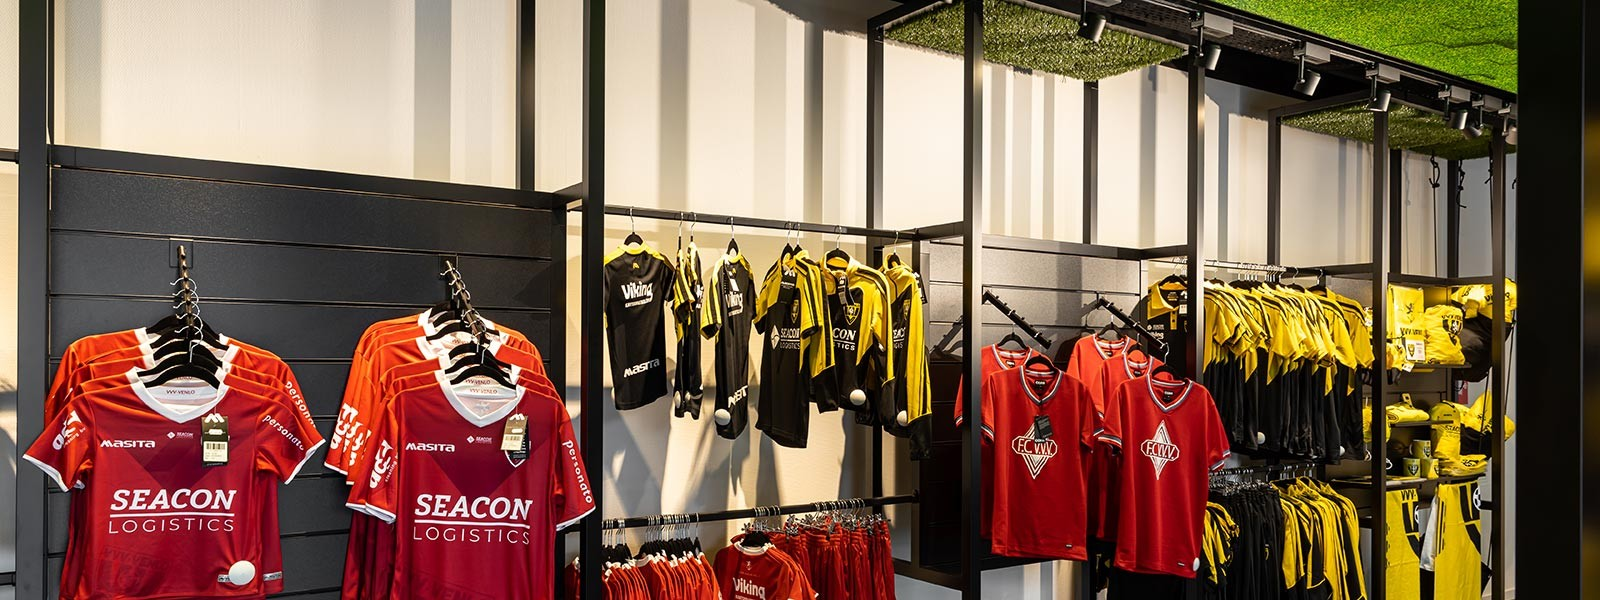 VVV-Venlo fanshop en spelershome, Venlo